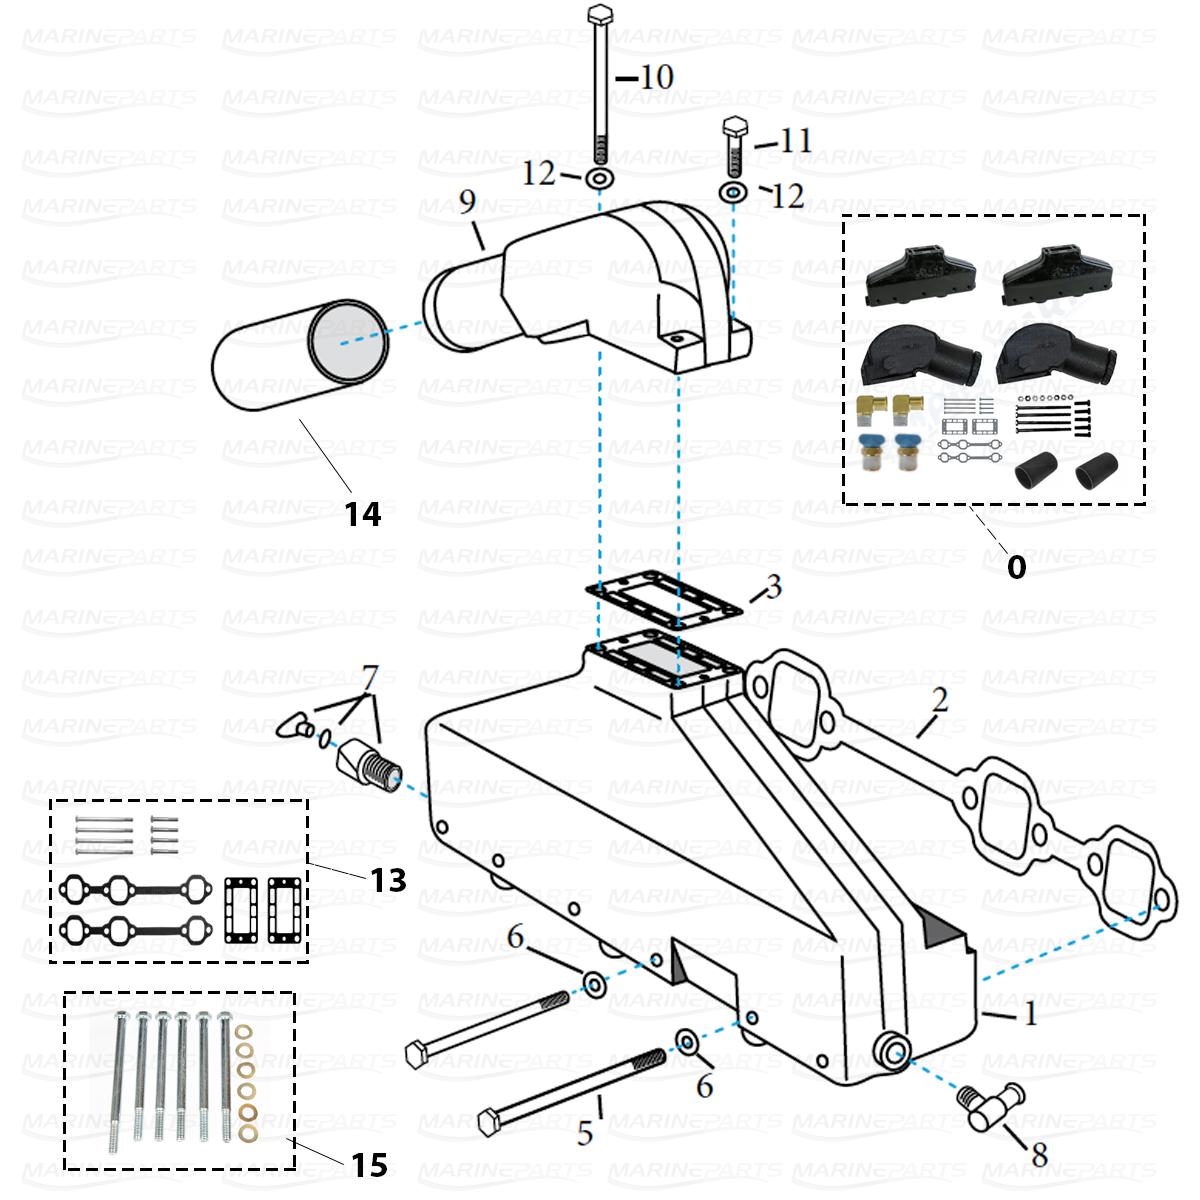 Avgasdelar för Volvo Penta V6 [AQ 175, AQ 205, AQ430 A/B, 431 A/B, AQ 434] FÖRE 1993